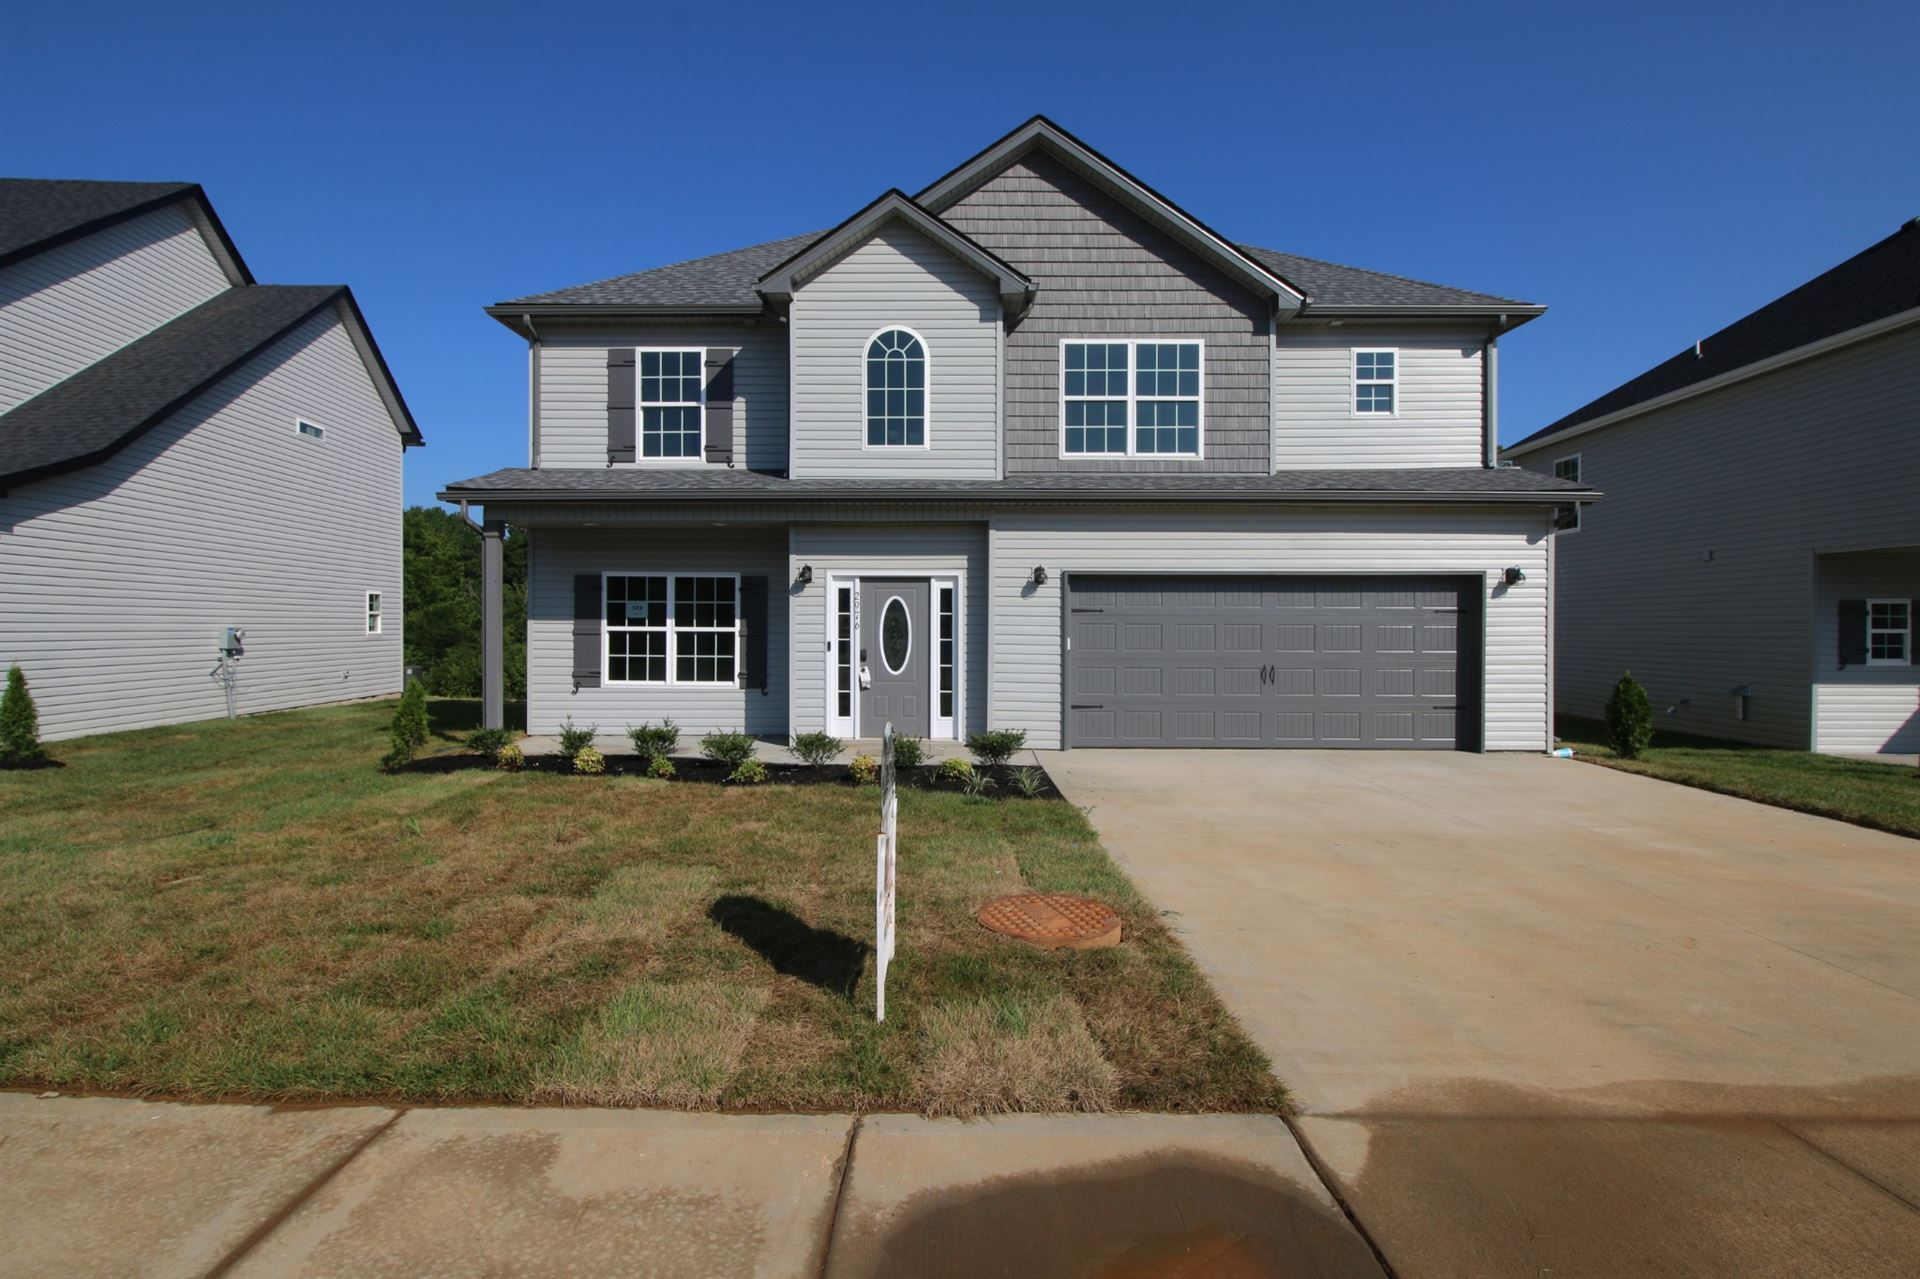 143 Chalet Hills, Clarksville, TN 37040 - MLS#: 2229559